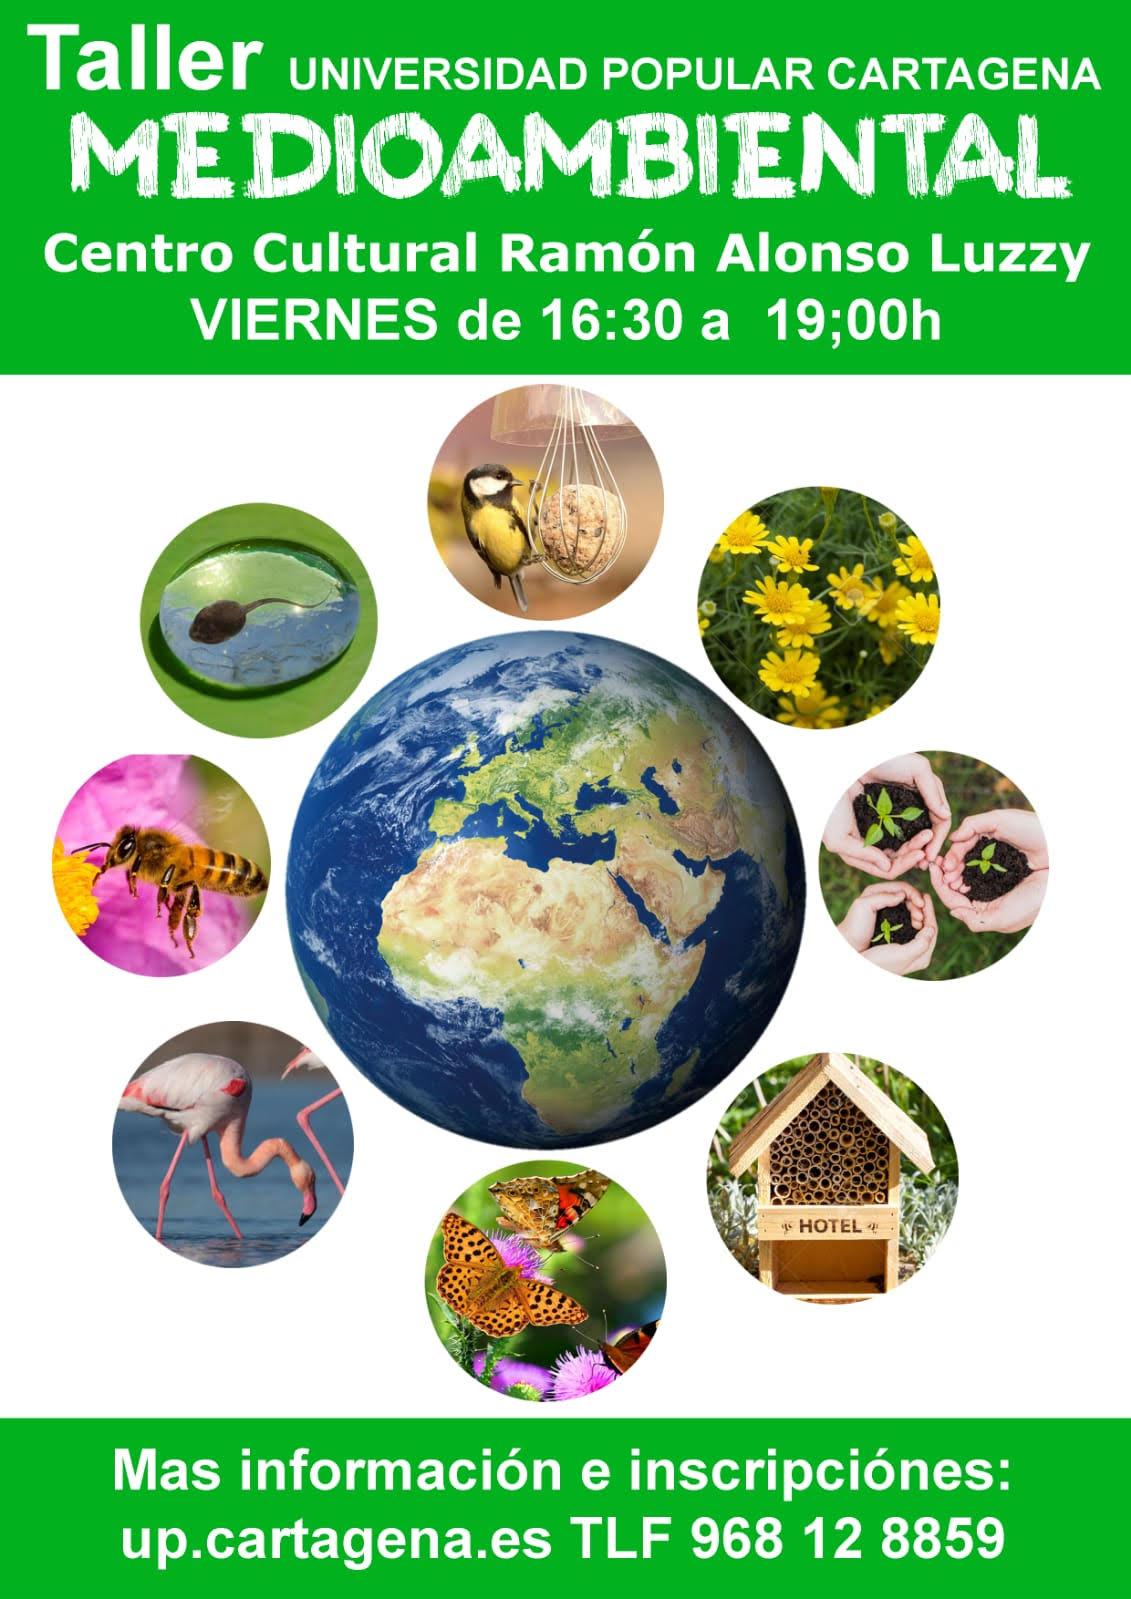 Taller Medioambiental de Primavera, con la Universidad Popular de Cartagena